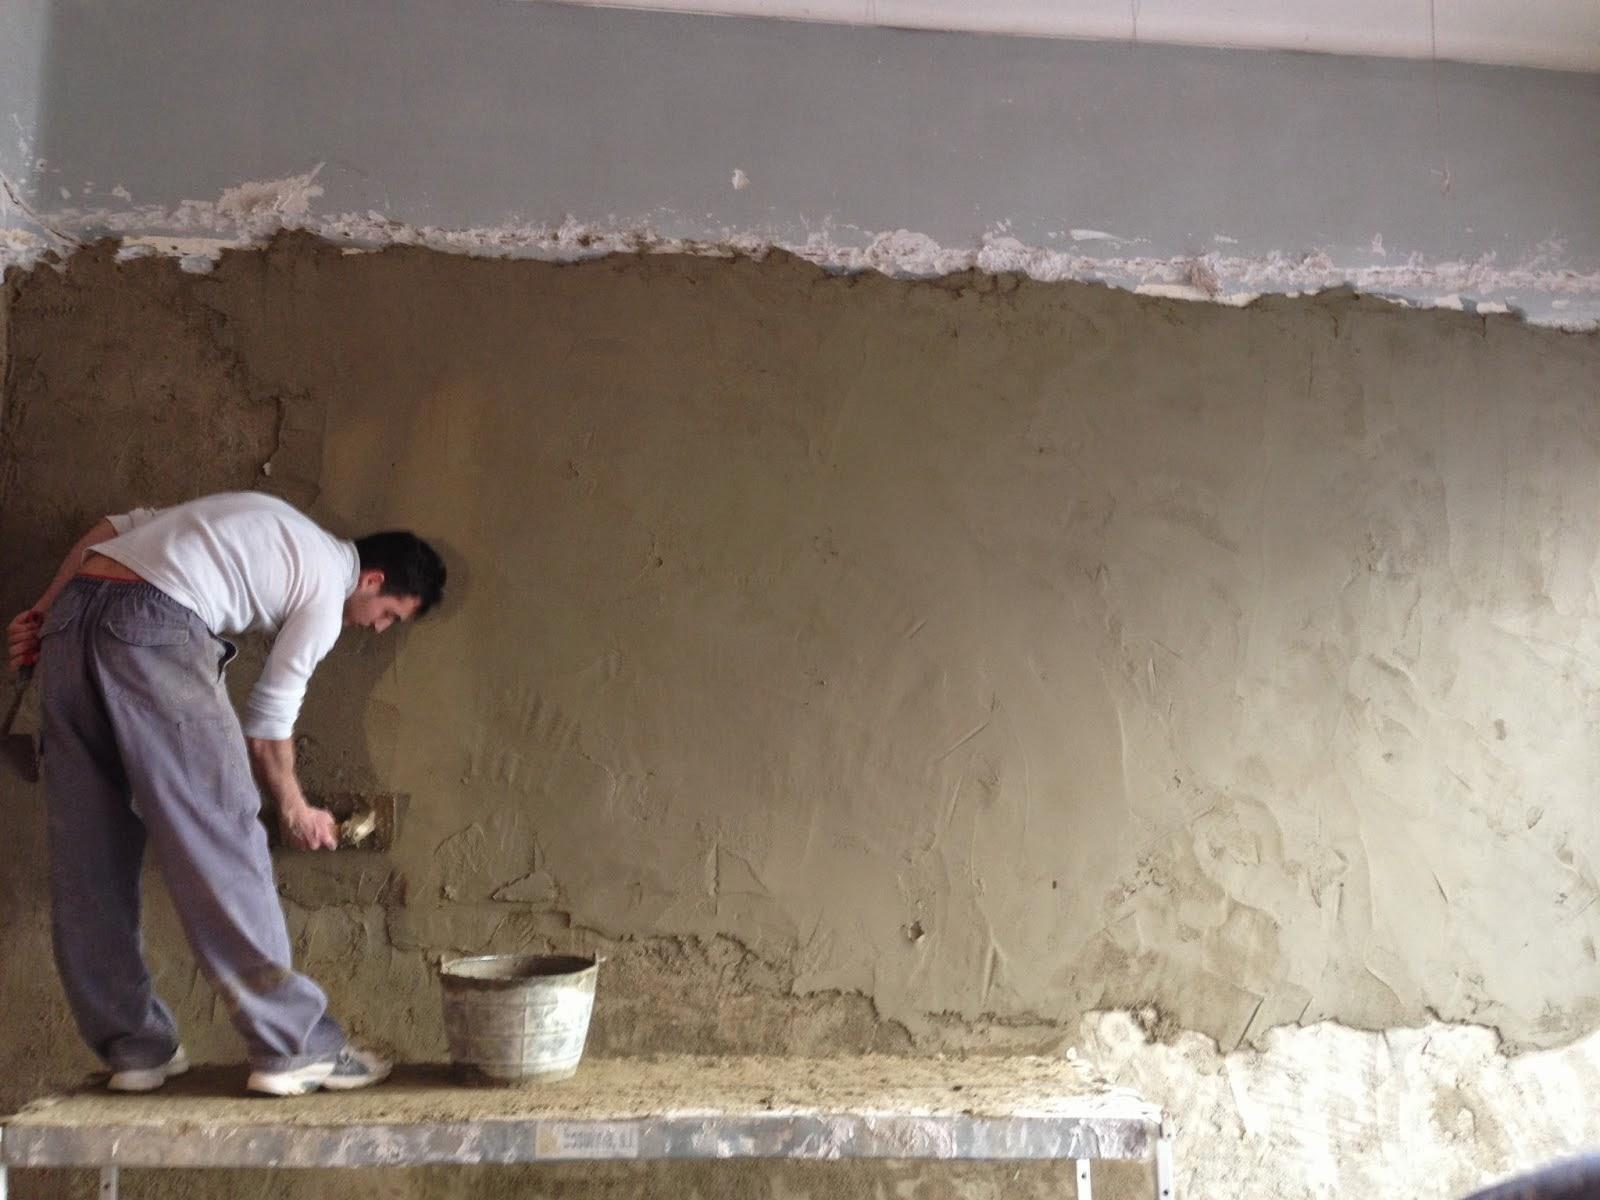 El maestro de obras xavier valderas enlucido de paredes contra humedades - Paredes de cemento ...